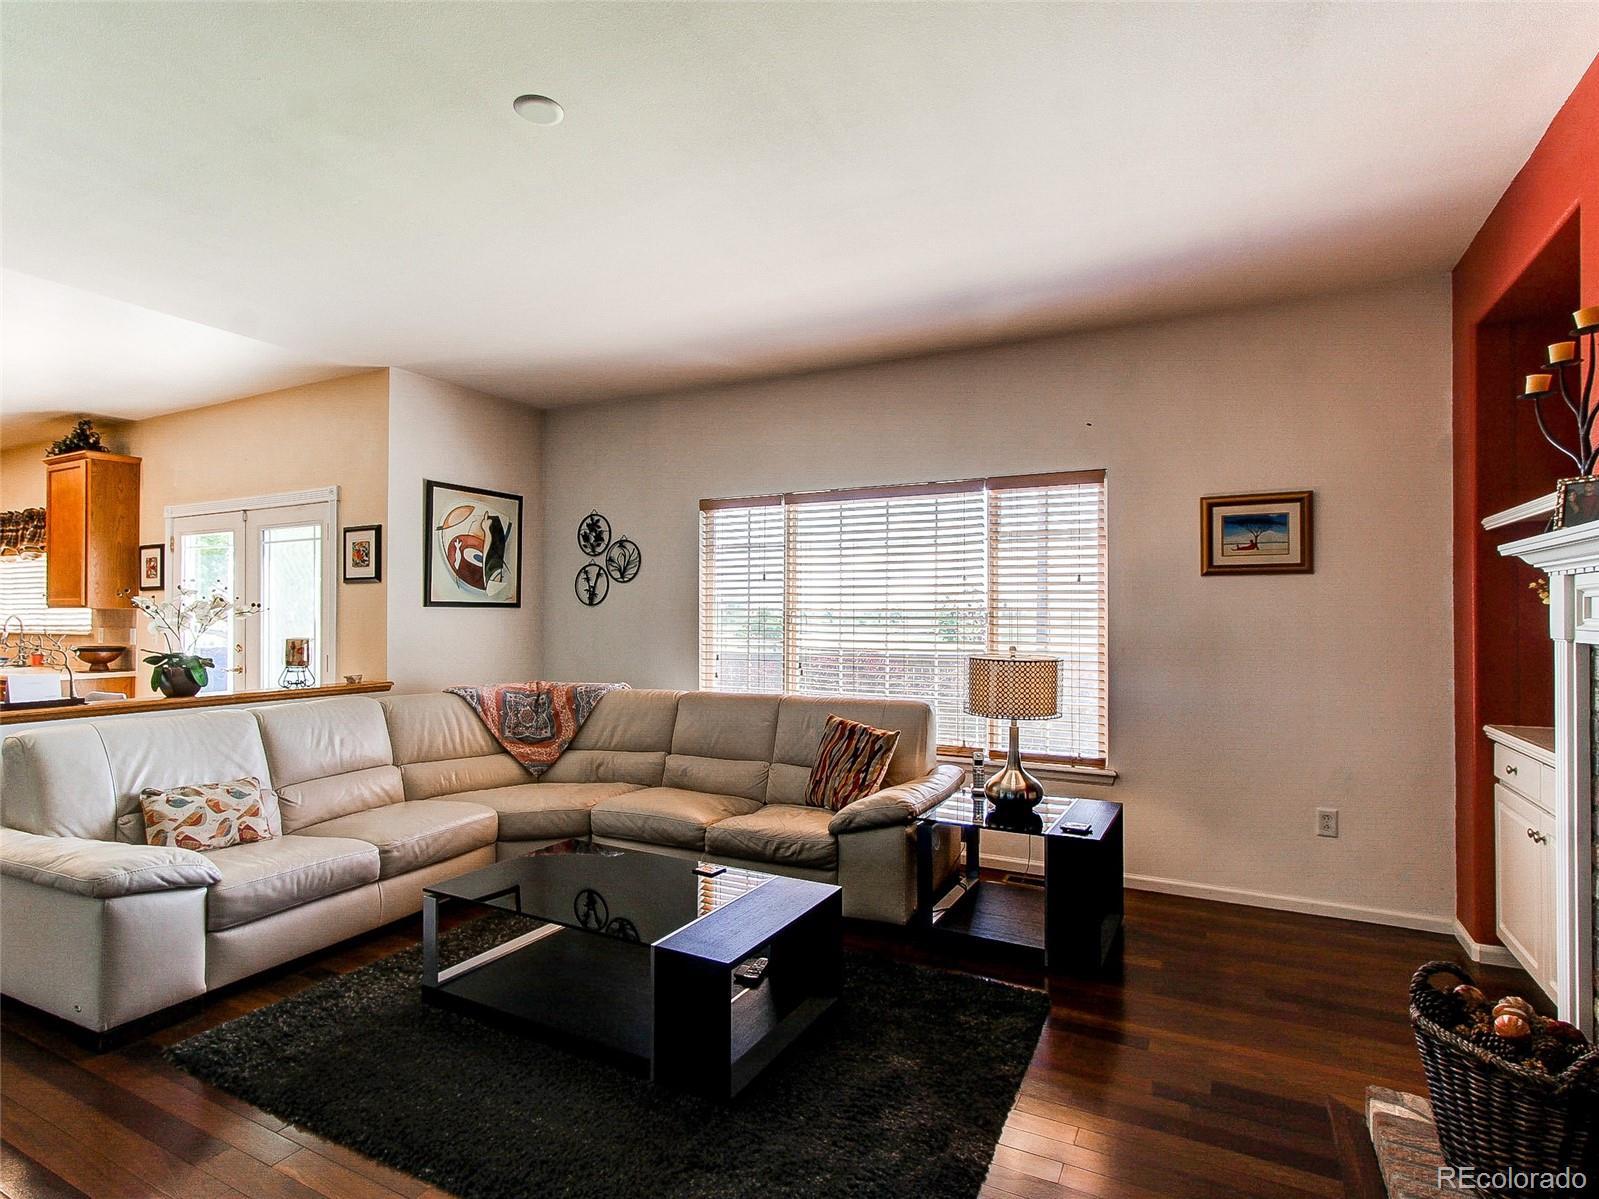 MLS# 8984069 - 13 - 19124 E 39 Avenue, Denver, CO 80249